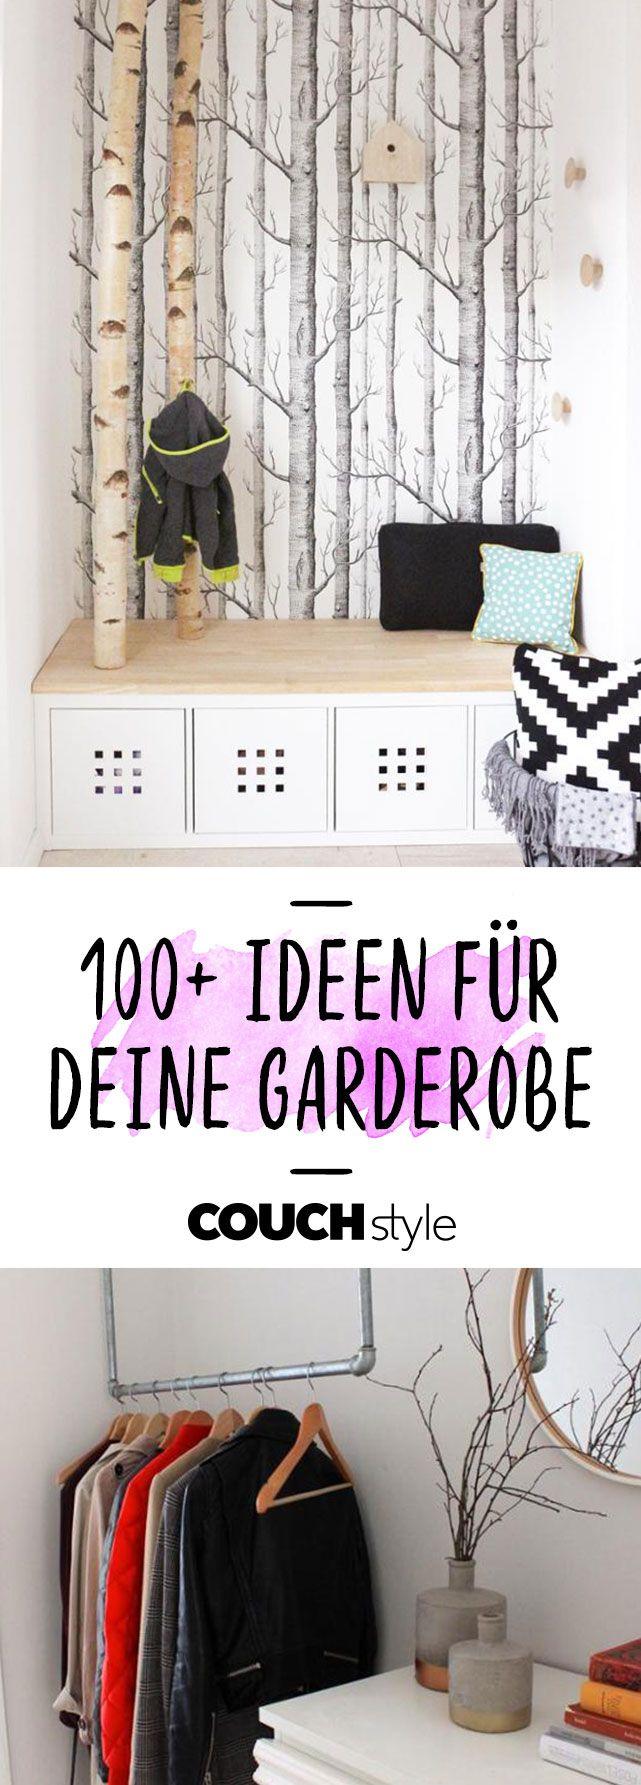 Garderoben Ideen So Schaffst Du Stilvoll Ordnung Garderobe Ideen Diy Kleiderschrank Garderobe